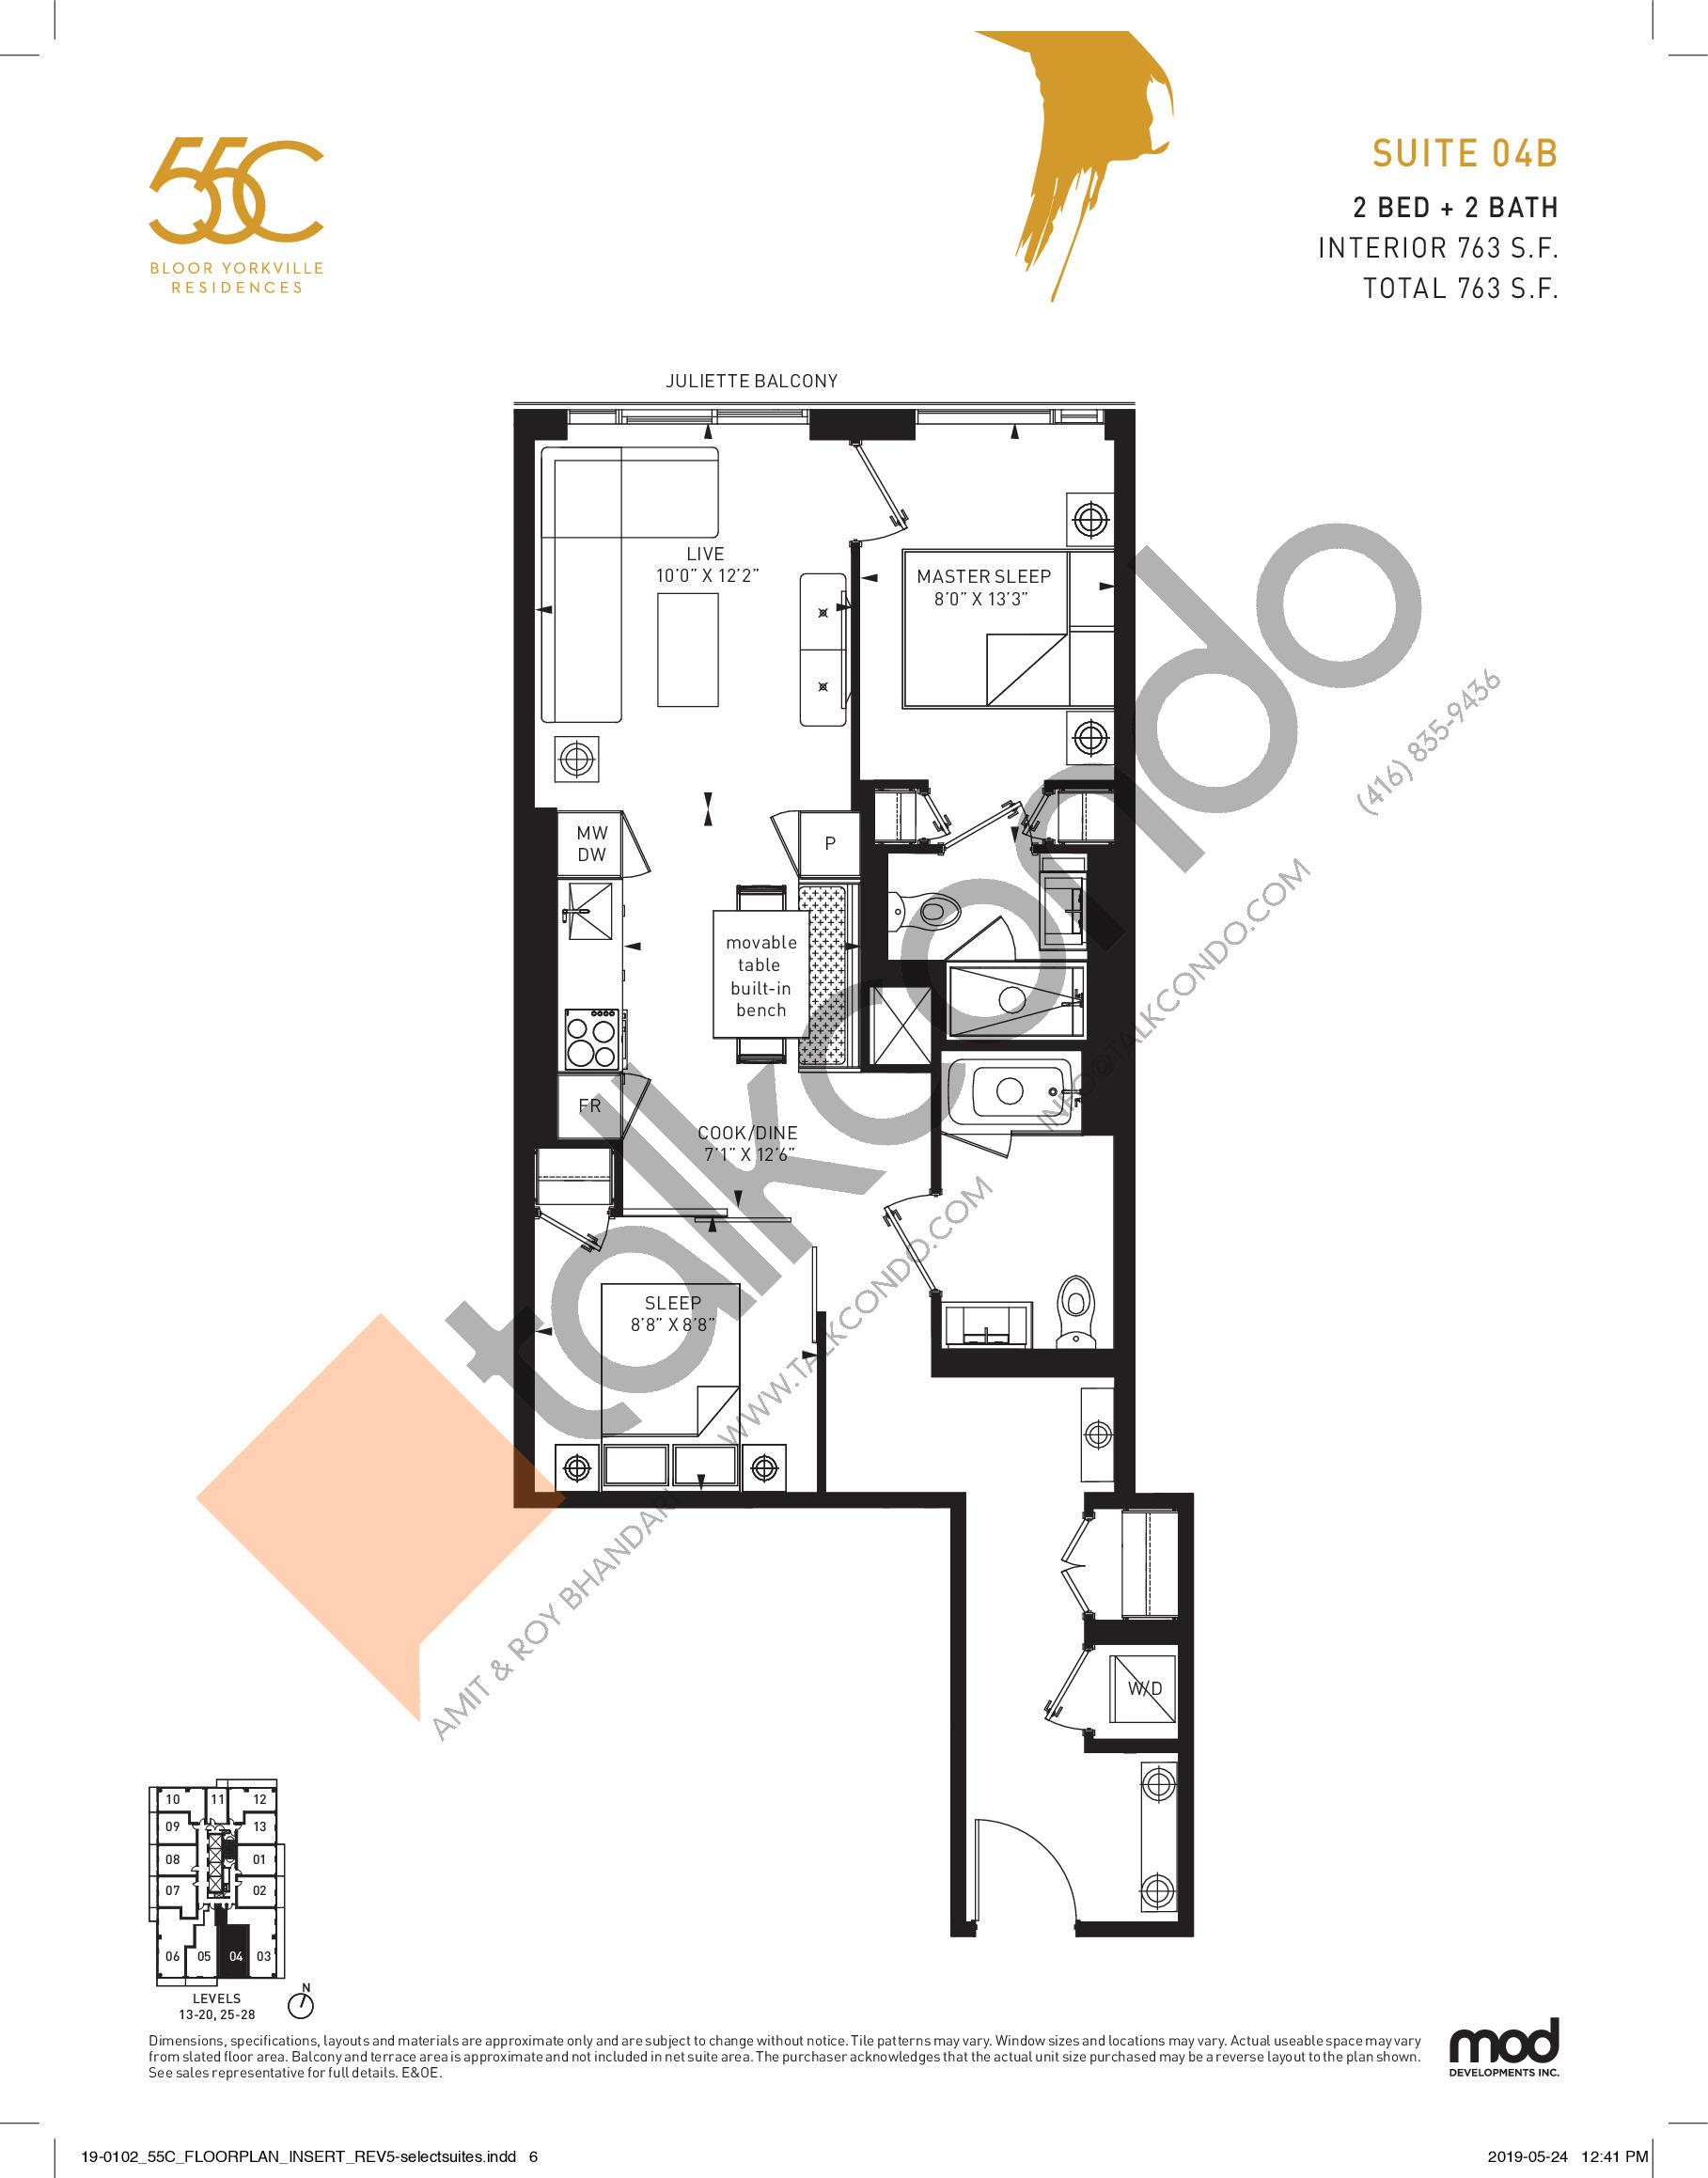 Suite 04B Floor Plan at 55C Condos - 763 sq.ft